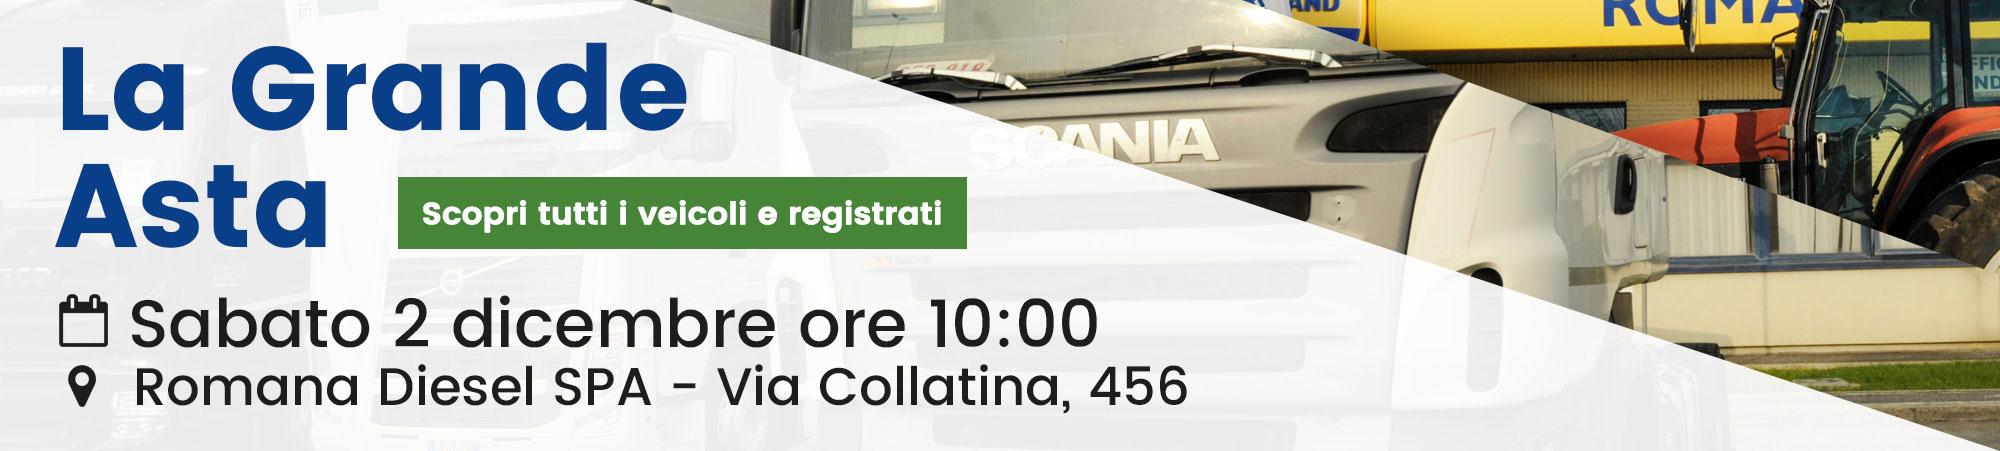 Gente che si muove mezzi da lavoro for Romana diesel trattori usati